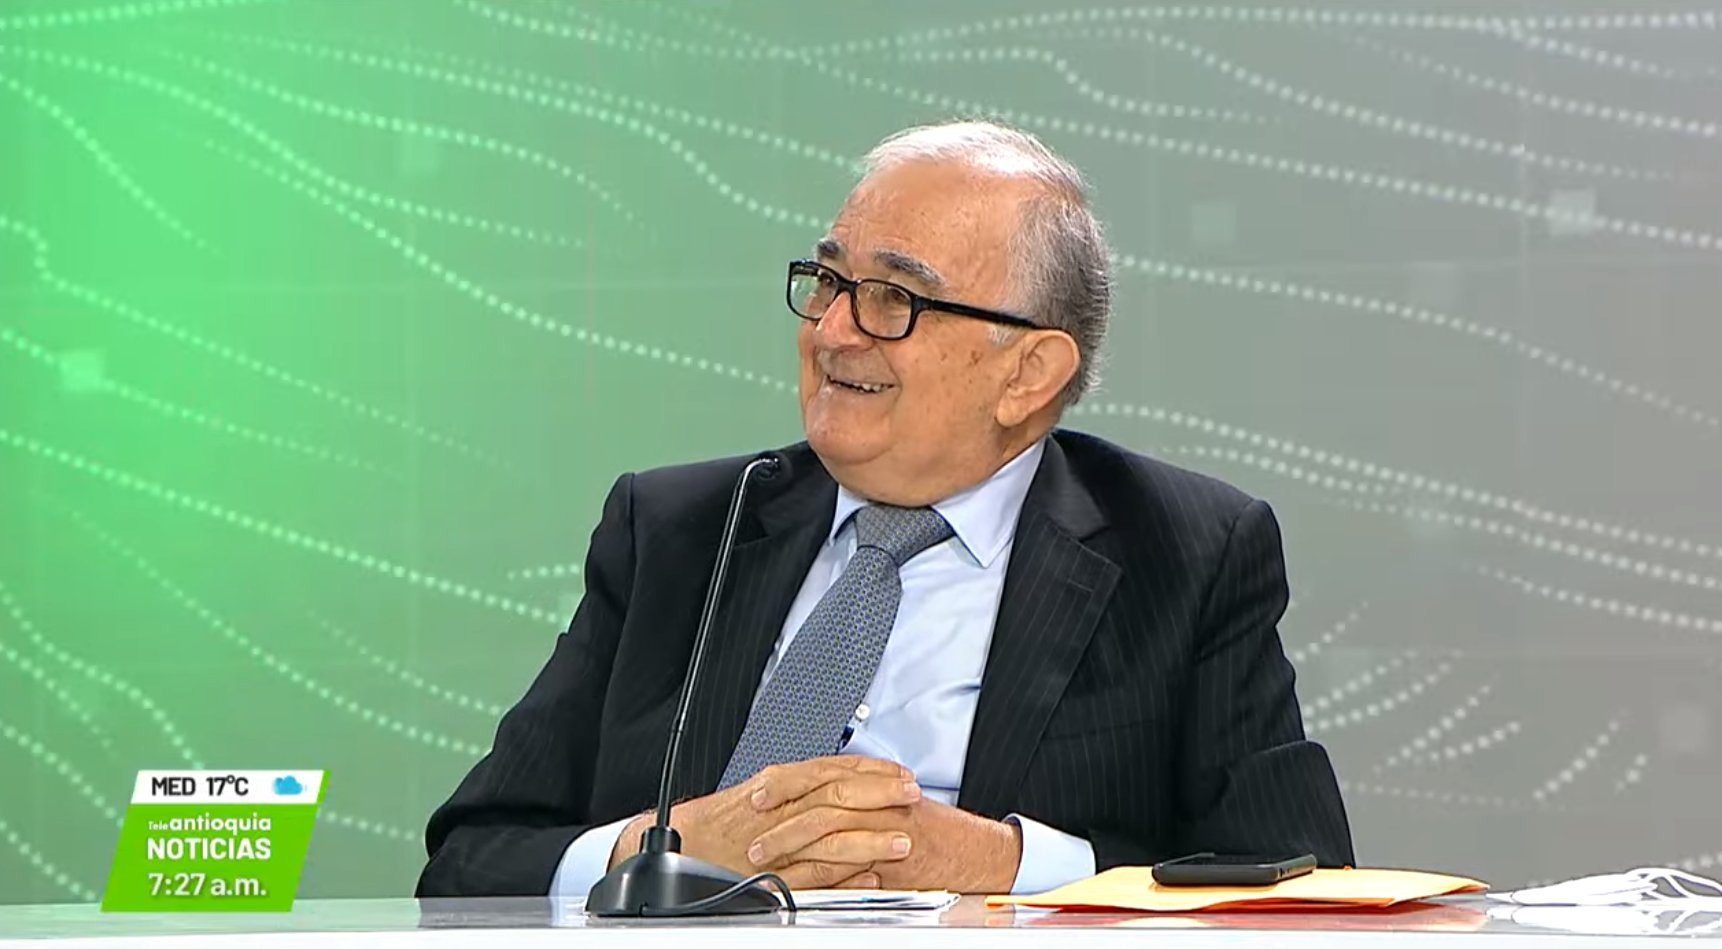 Entrevista con Ramiro Márquez , experto en movilidad y exgerente del Metro